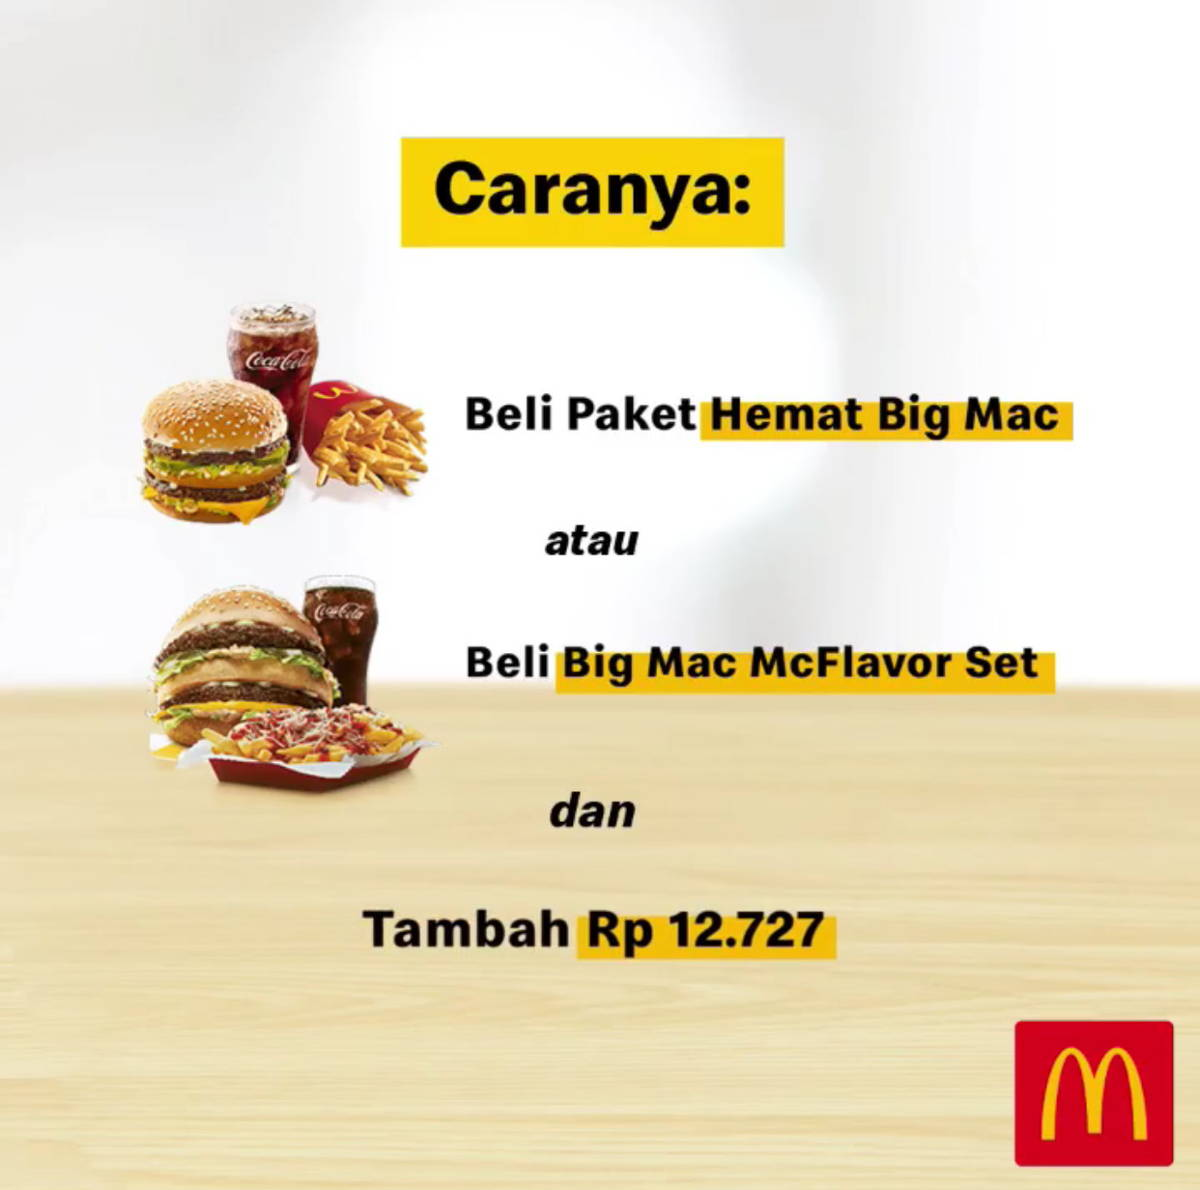 Katalog Promo: McDonalds: PROMO Limited Edition Big Mac Tin! Cukup nambah Rp 12.727 saja dengan di sertai pembelian Paket Hemat Big Mac atau Big Mac McFlavor Set - 2